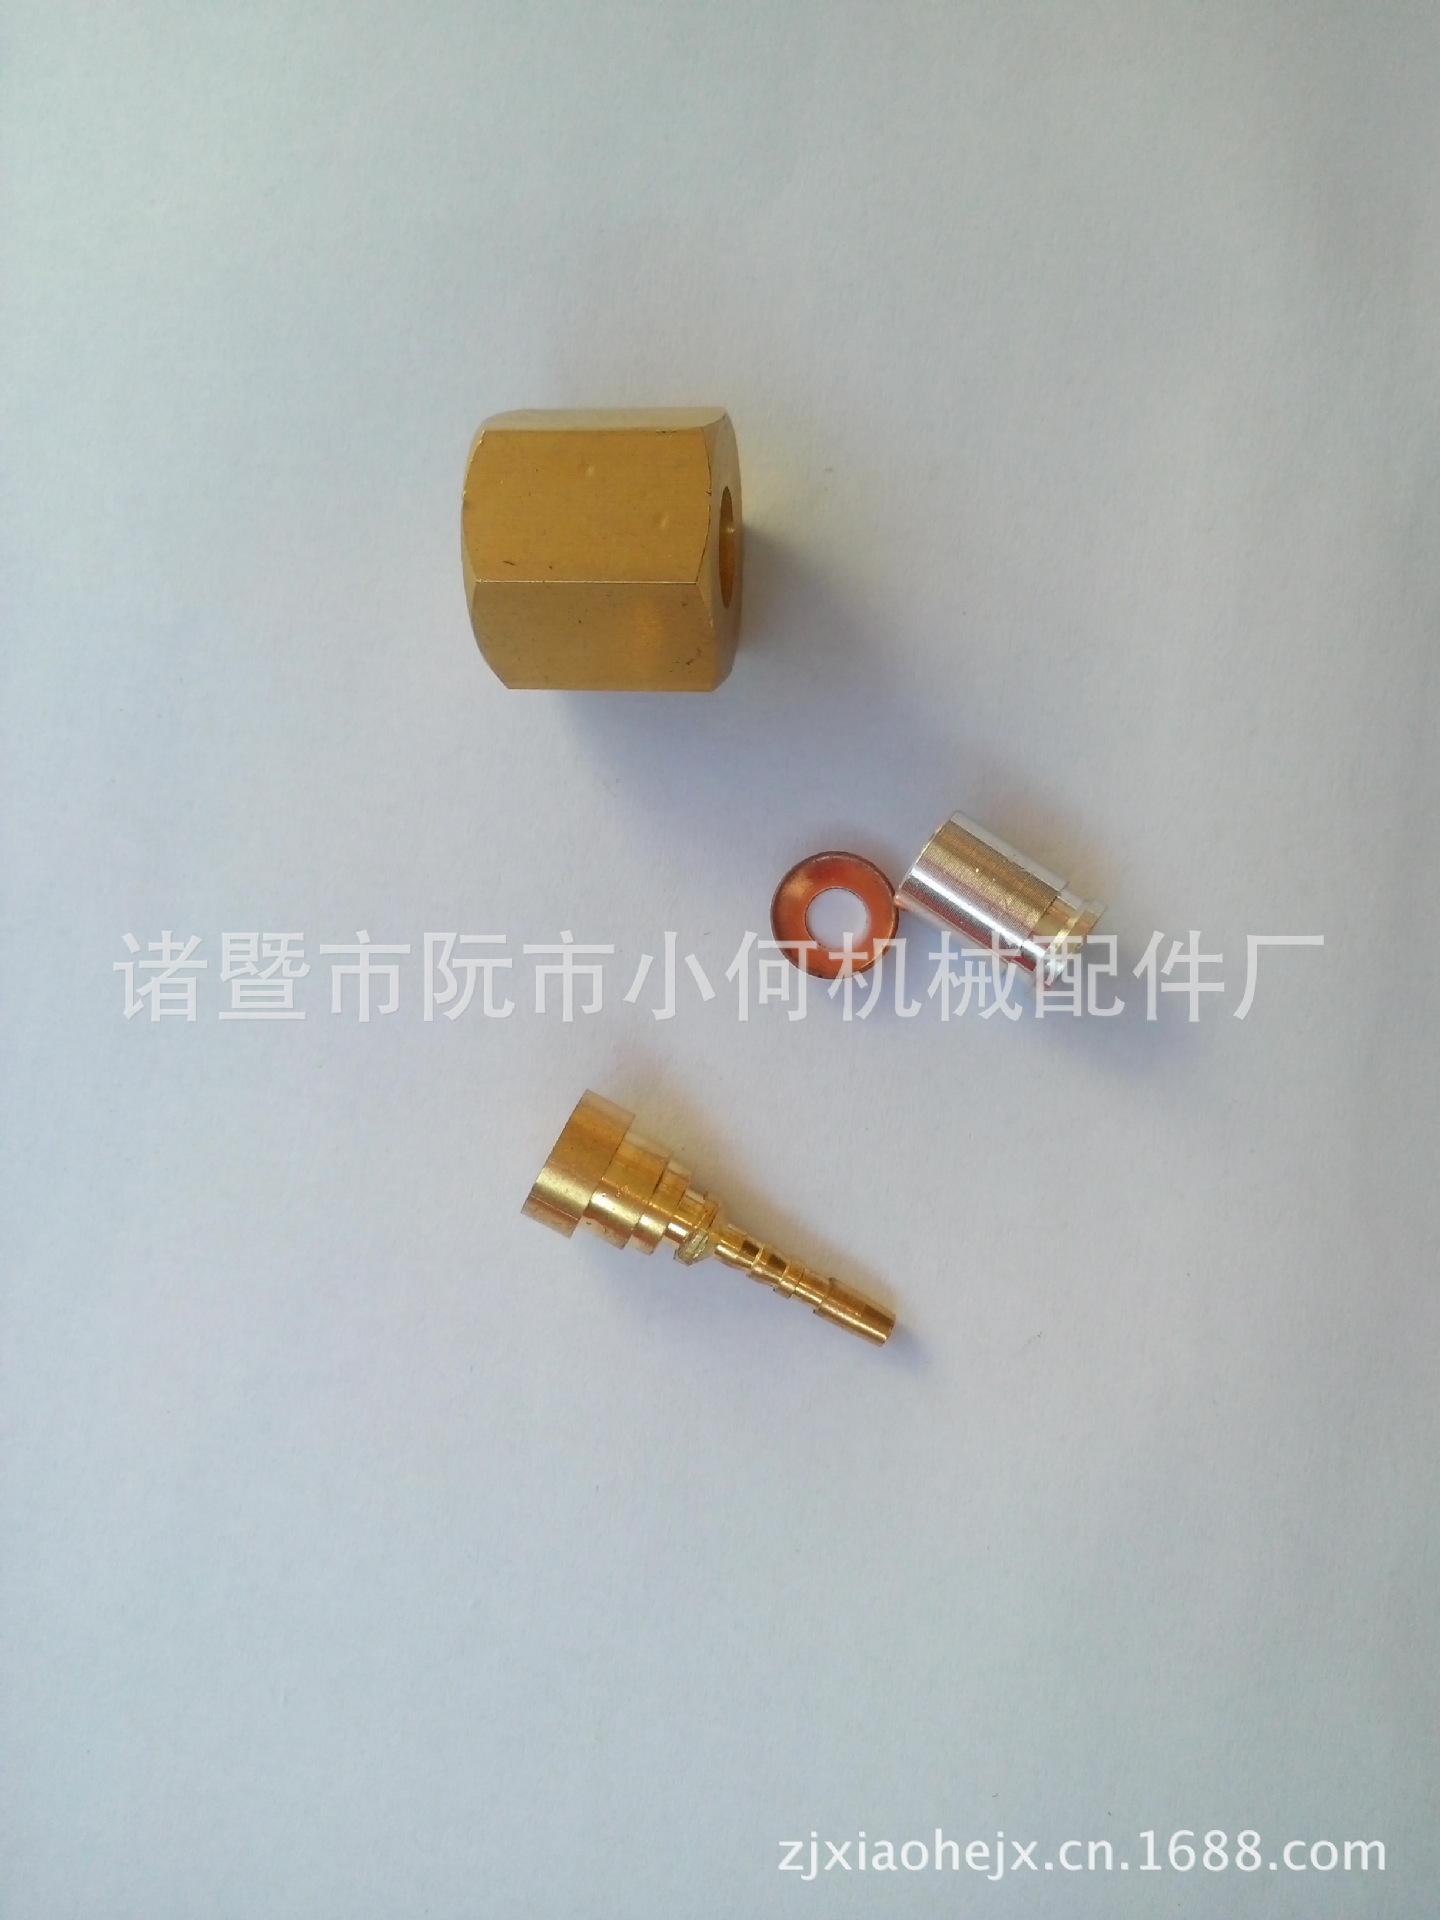 供应机组软管三件套 螺母加厚 压缩机管接头 空调软管专用三件套